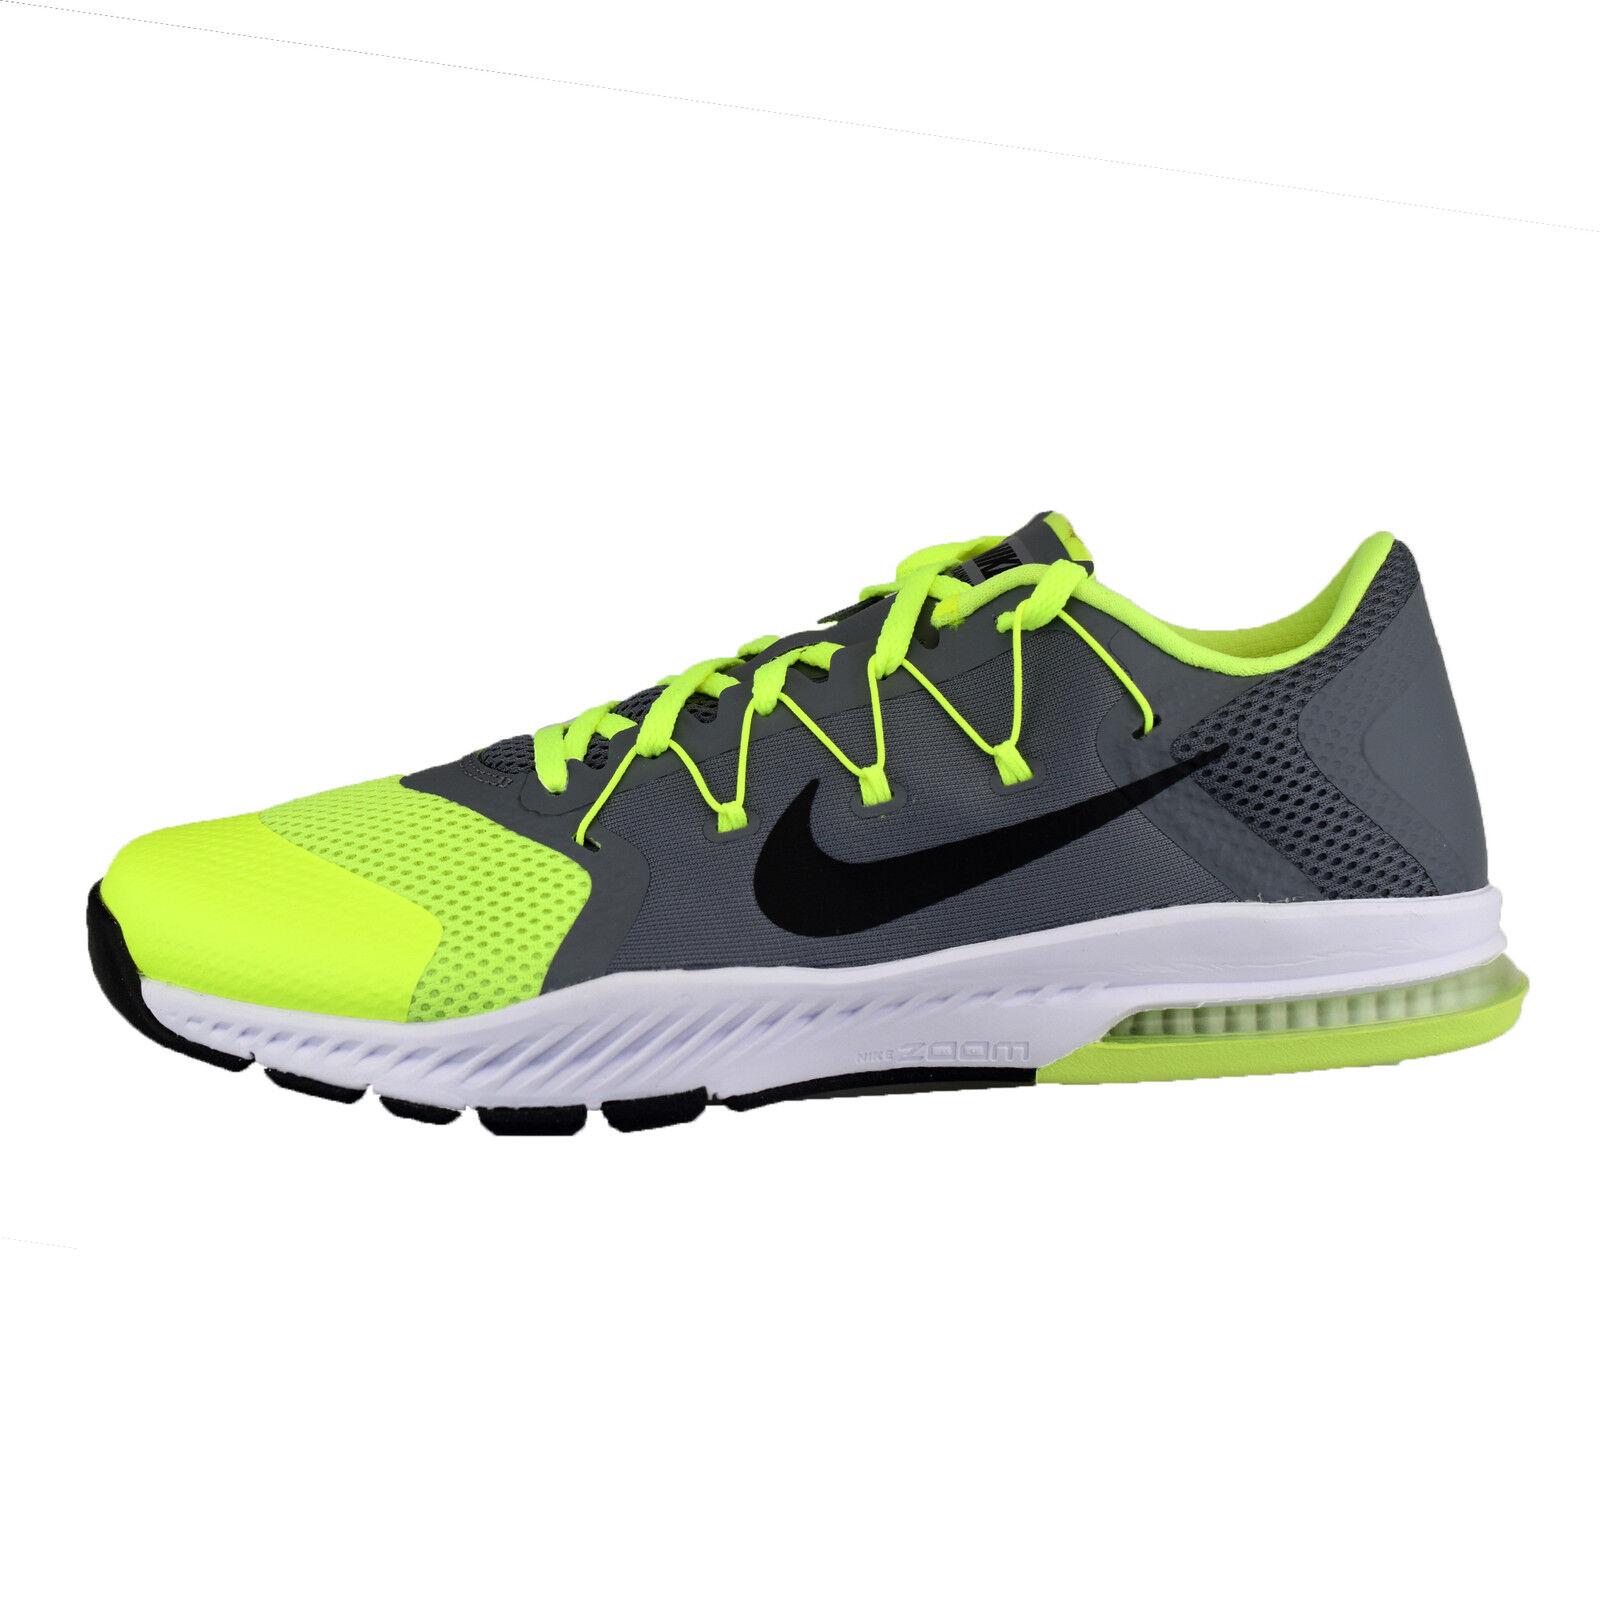 NIKE Zoom Train complete complete complete 882119-007 Jogging Tempo Libero scarpe da ginnastica Scarpe da corsa 151230